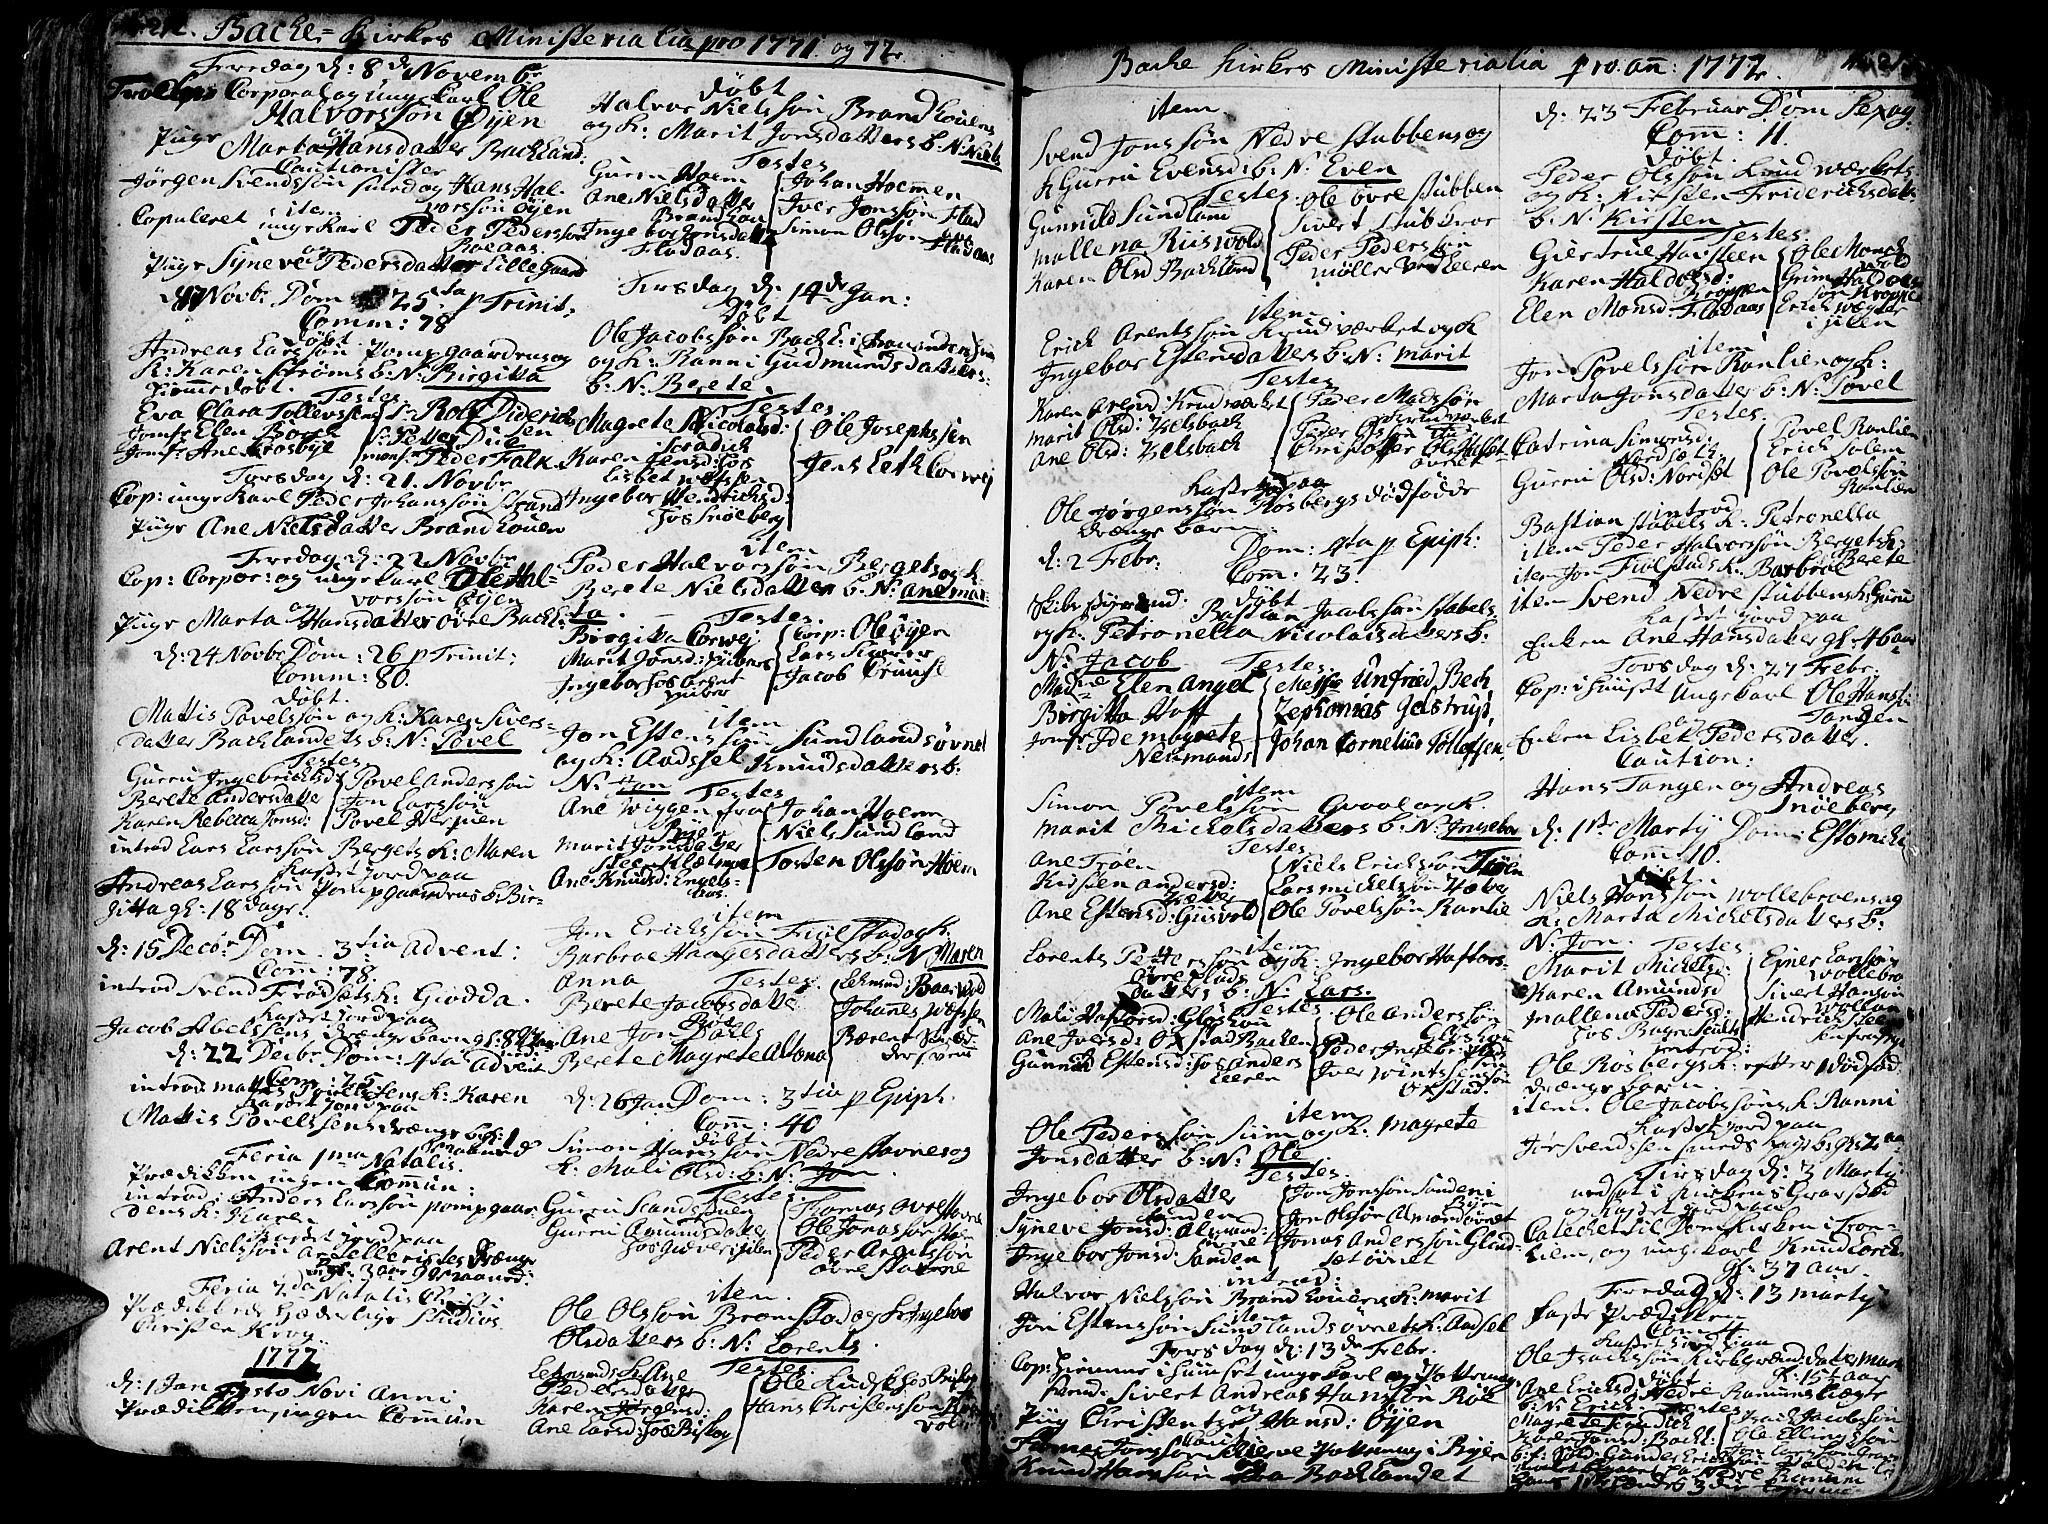 SAT, Ministerialprotokoller, klokkerbøker og fødselsregistre - Sør-Trøndelag, 606/L0276: Ministerialbok nr. 606A01 /2, 1727-1779, s. 212-213